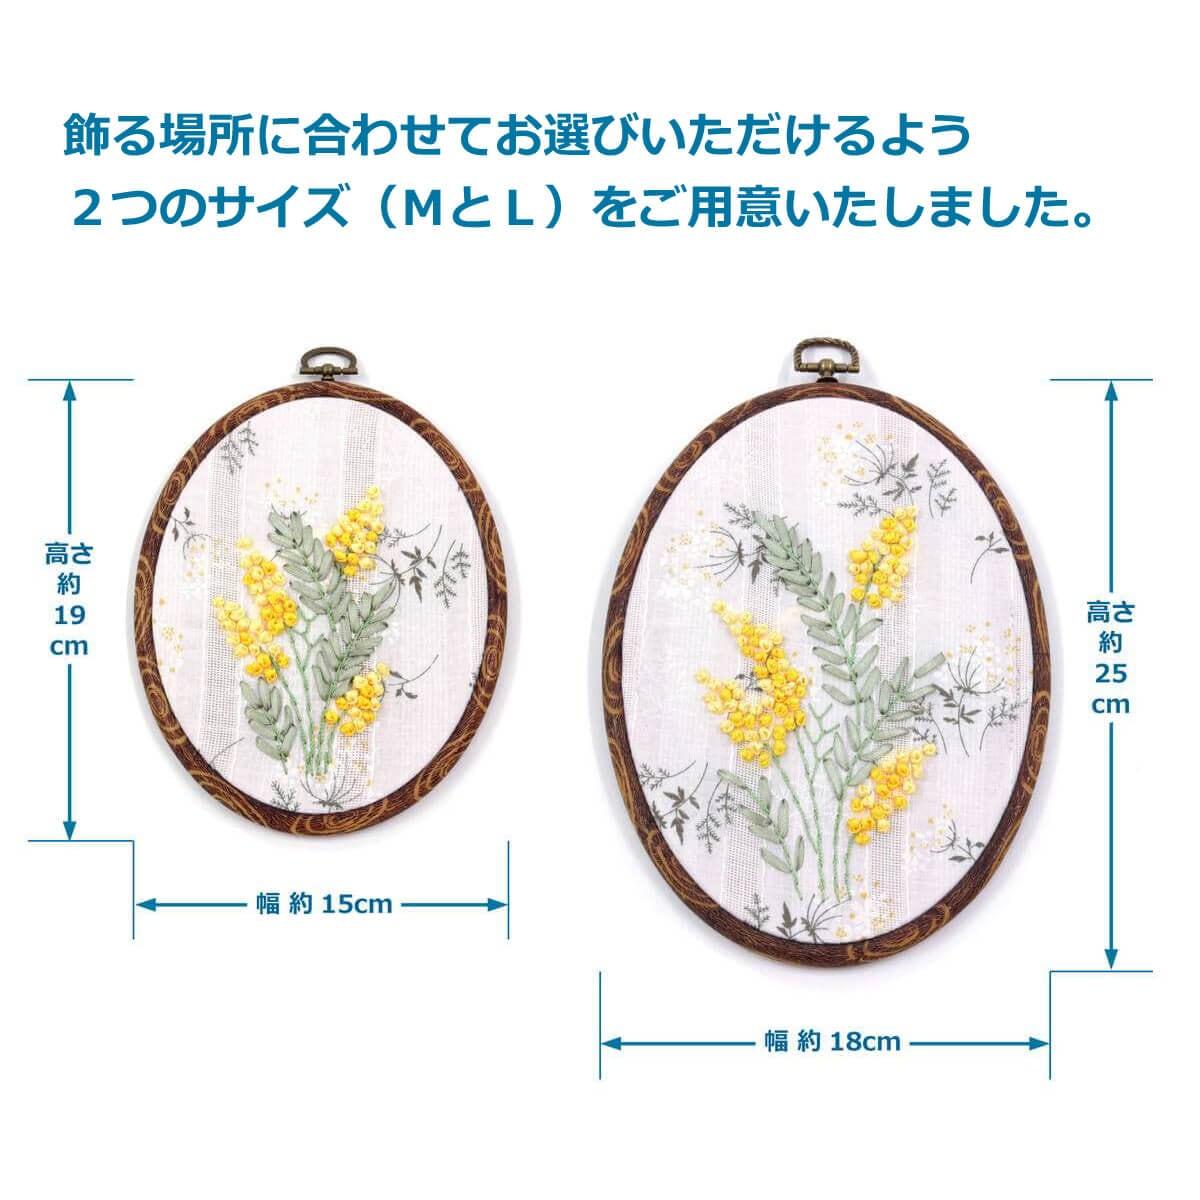 ミモザ,リボン刺繍,ウォールデコ,壁掛け,インテリア